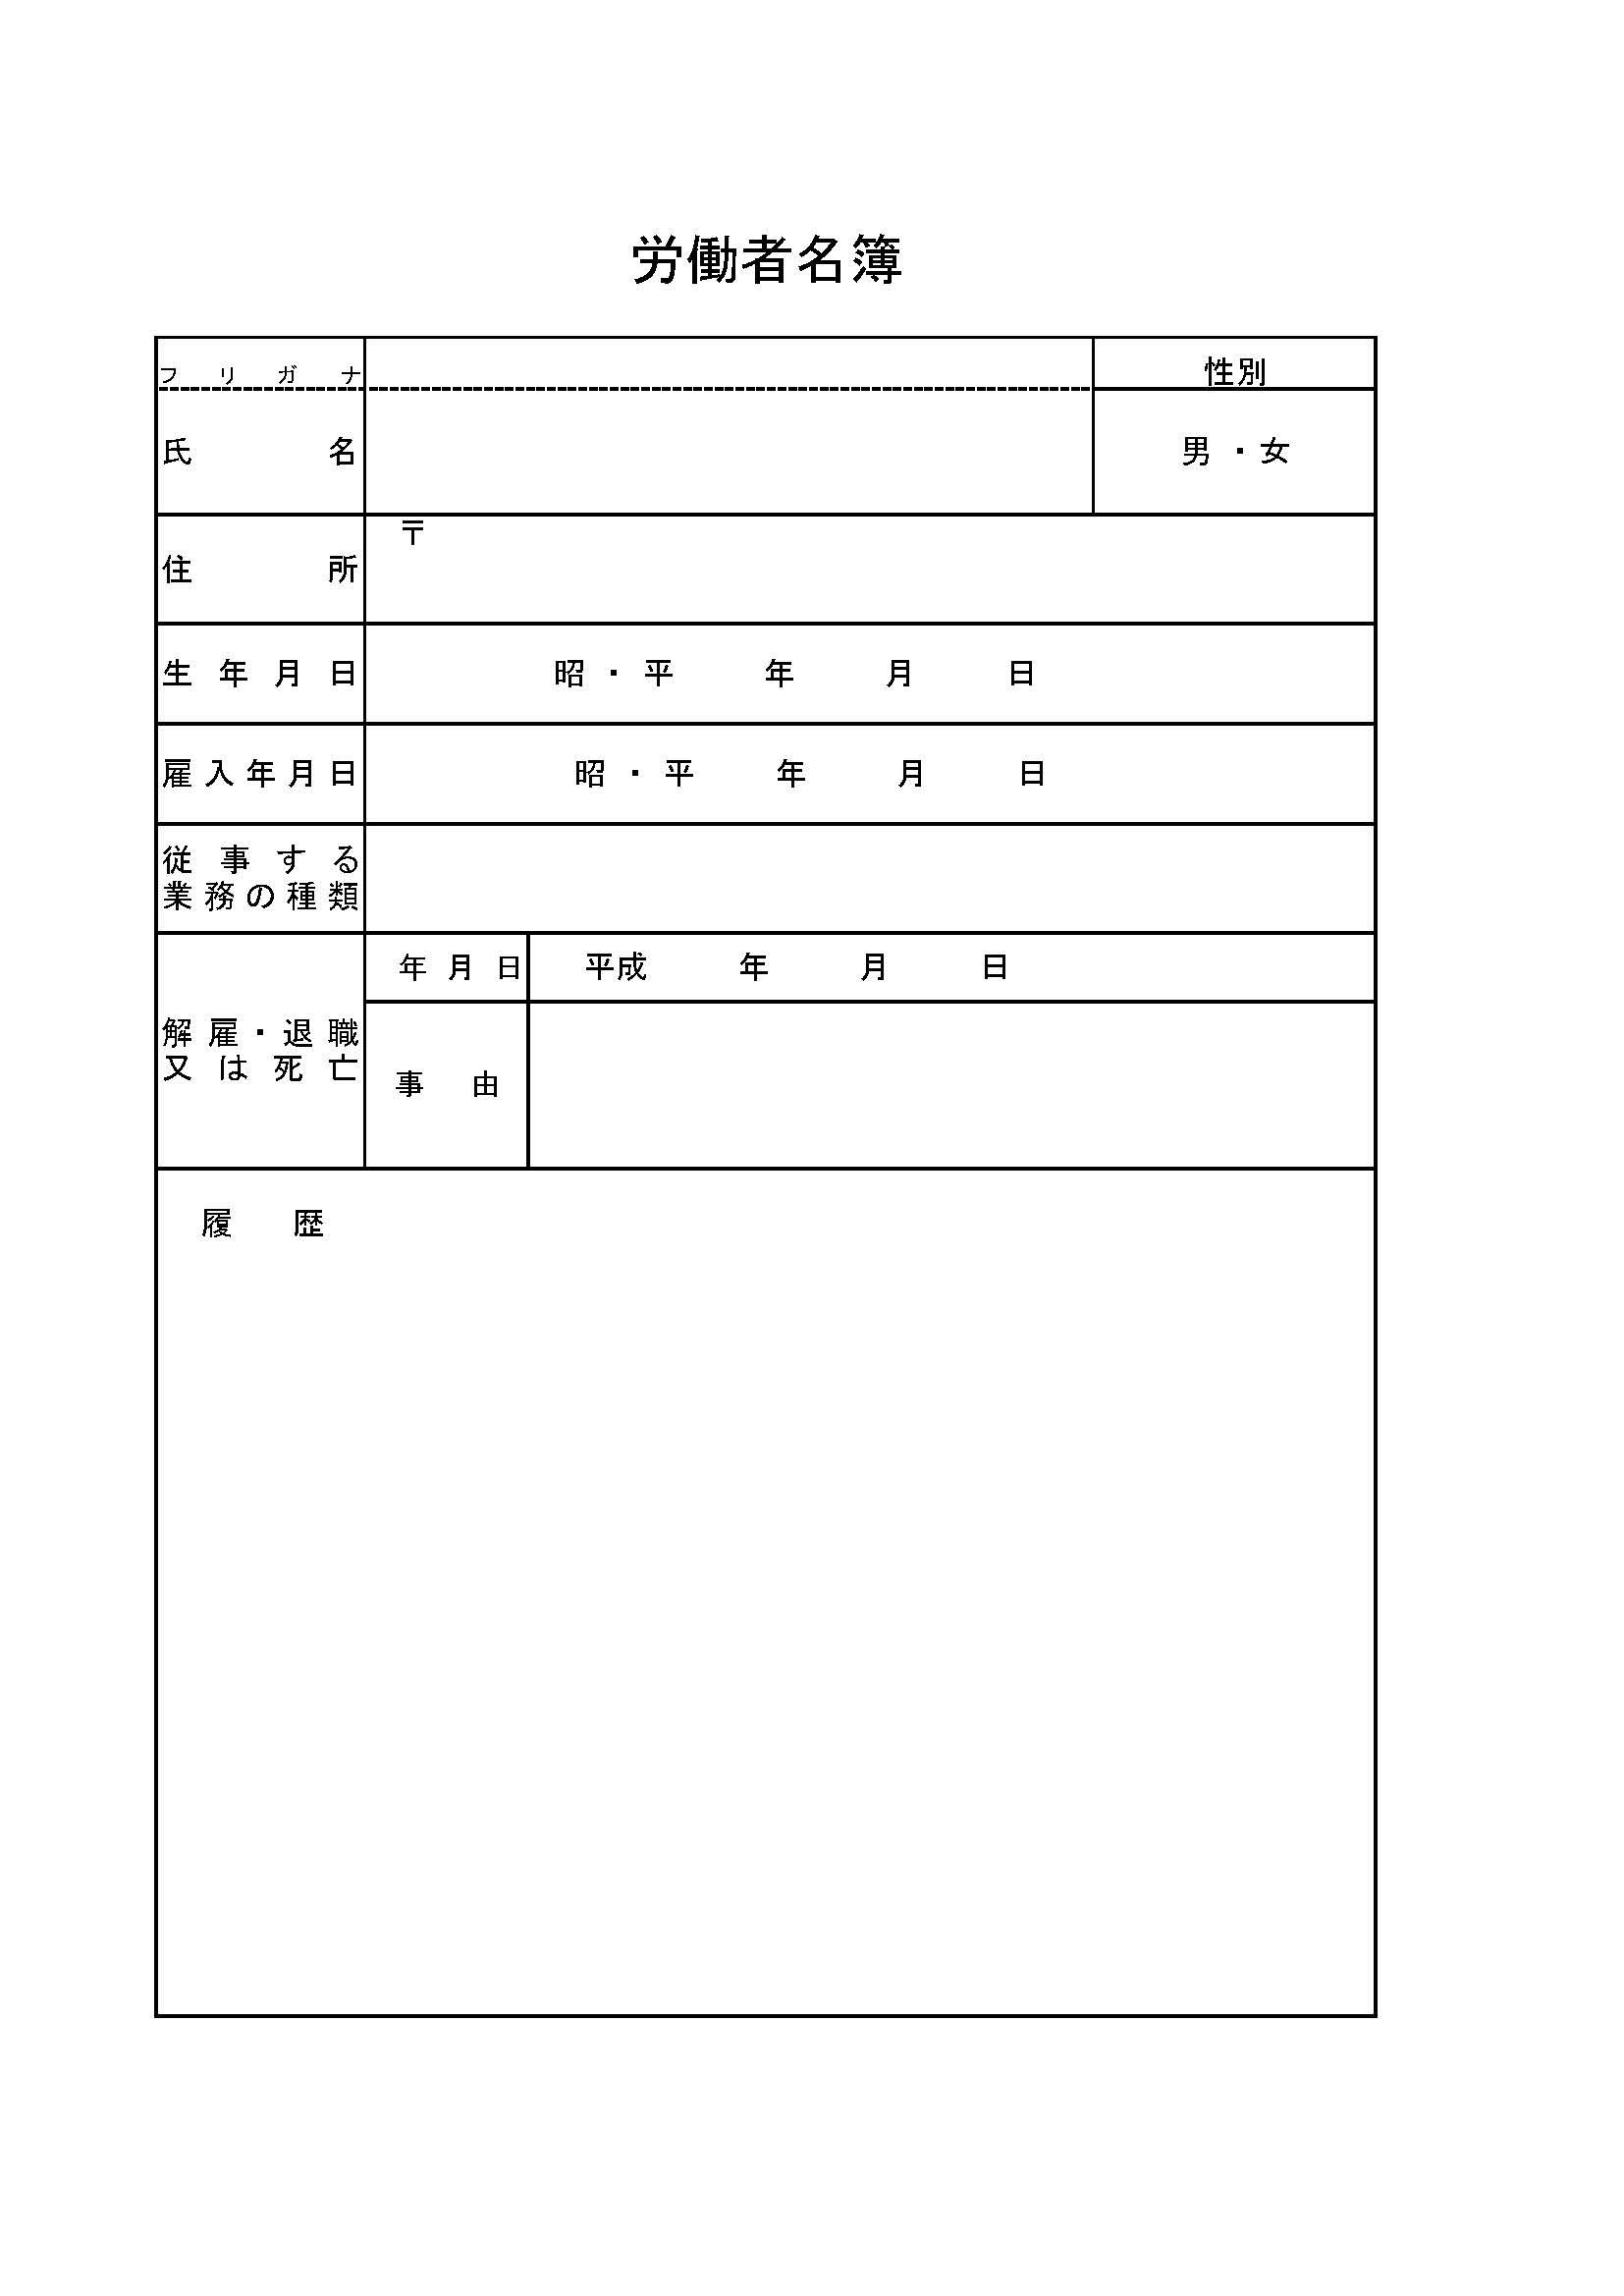 労働者名簿